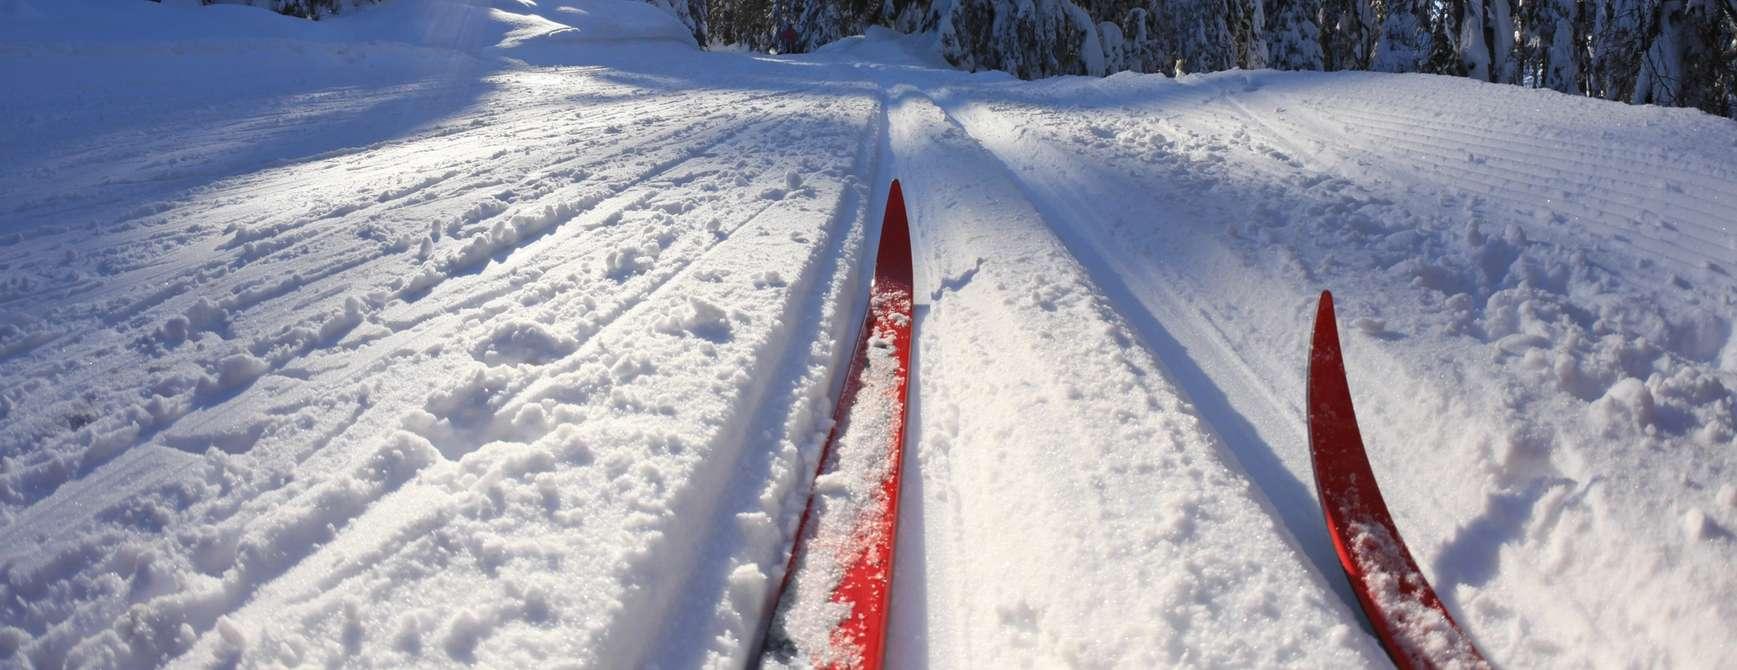 Foto: Sirdal Skicenter